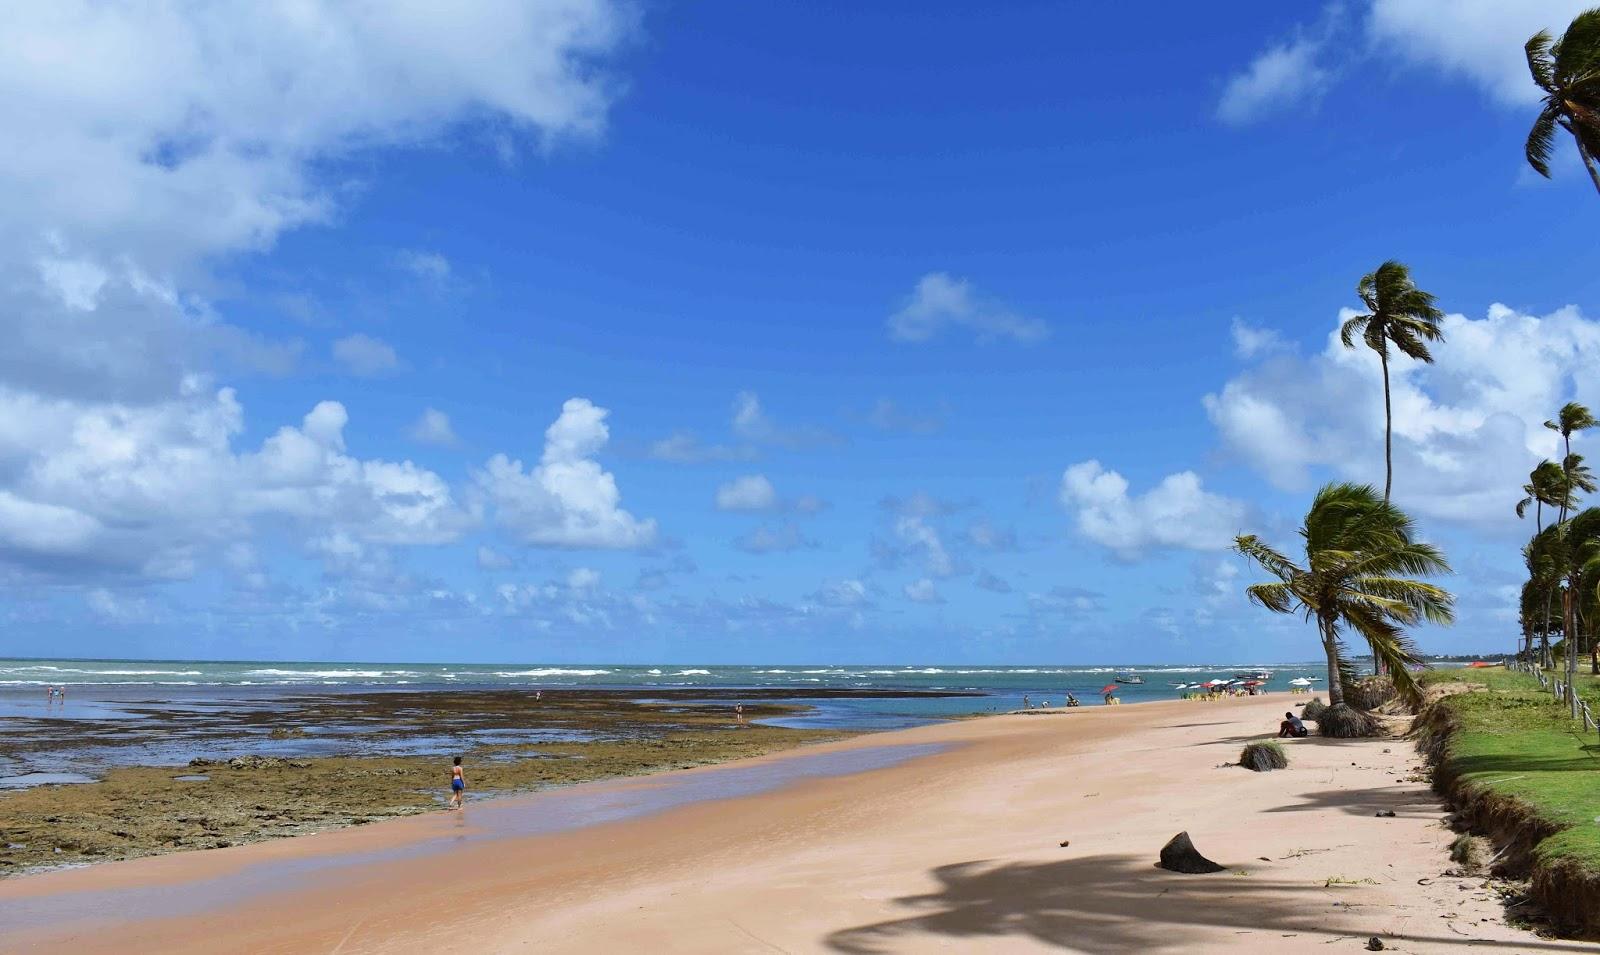 Passeio de Salvador a Praia do Forte e Guarajuba